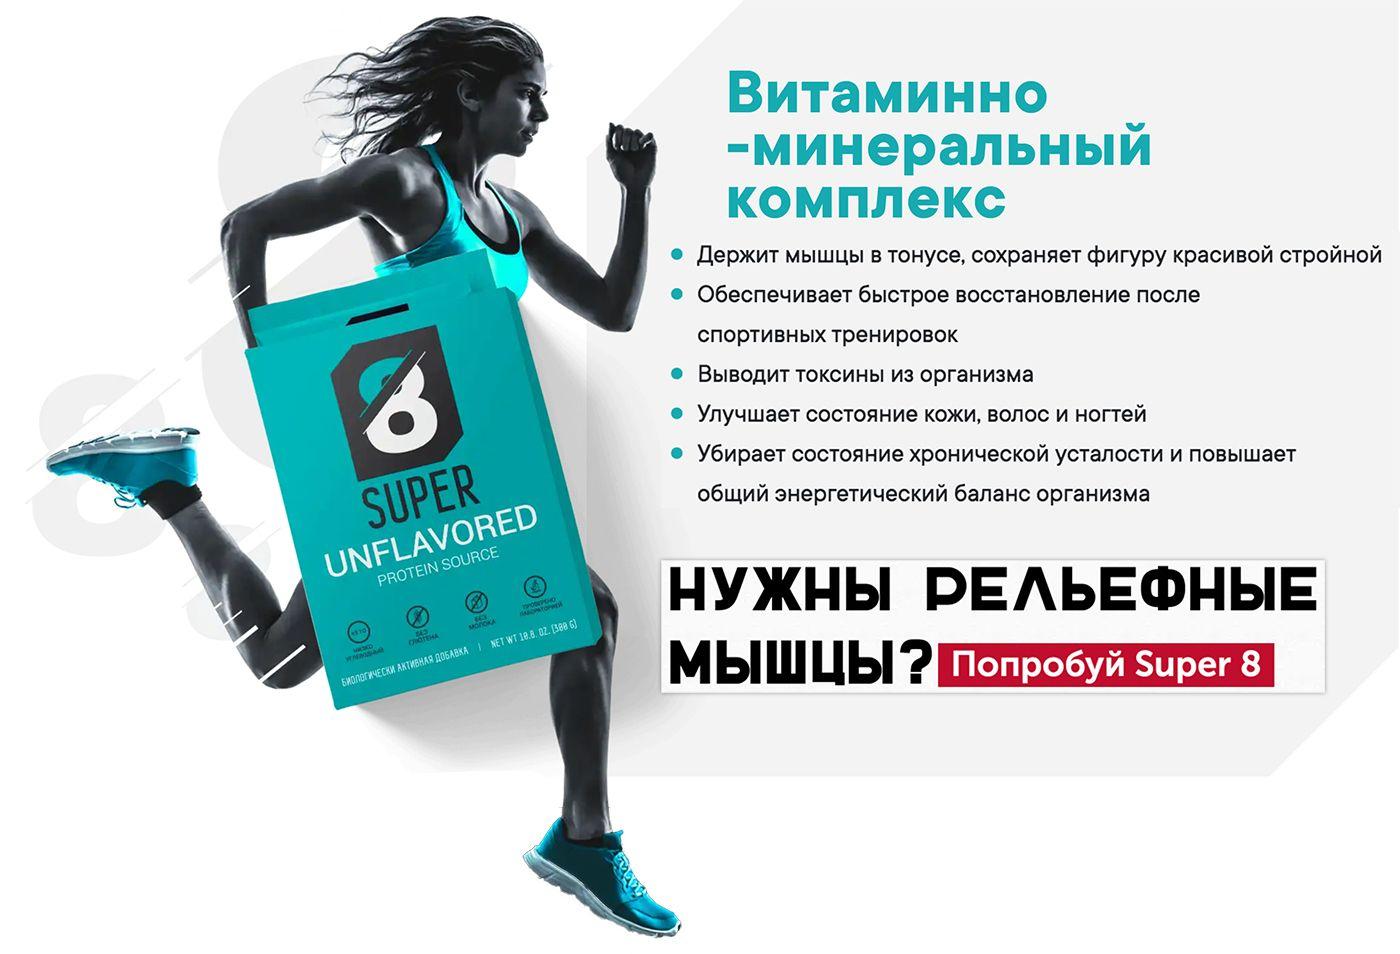 SUPER 8 (Супер 8) - Витаминно-минеральный комплекс для спортивного питания свойства